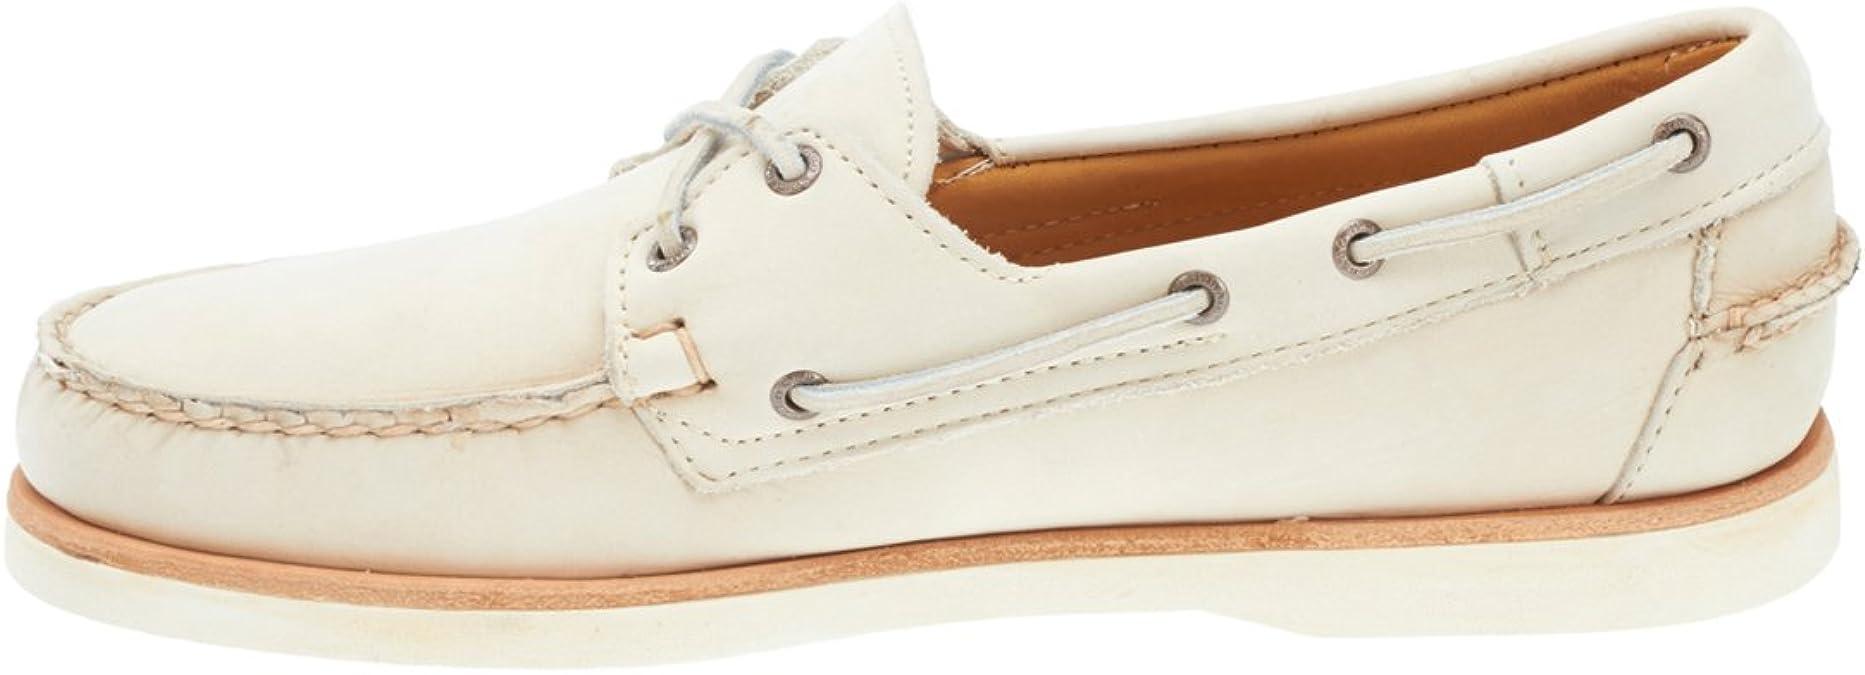 Sebago Crest Docksides Men/'s Dark Brown Nubuck Boat Shoes